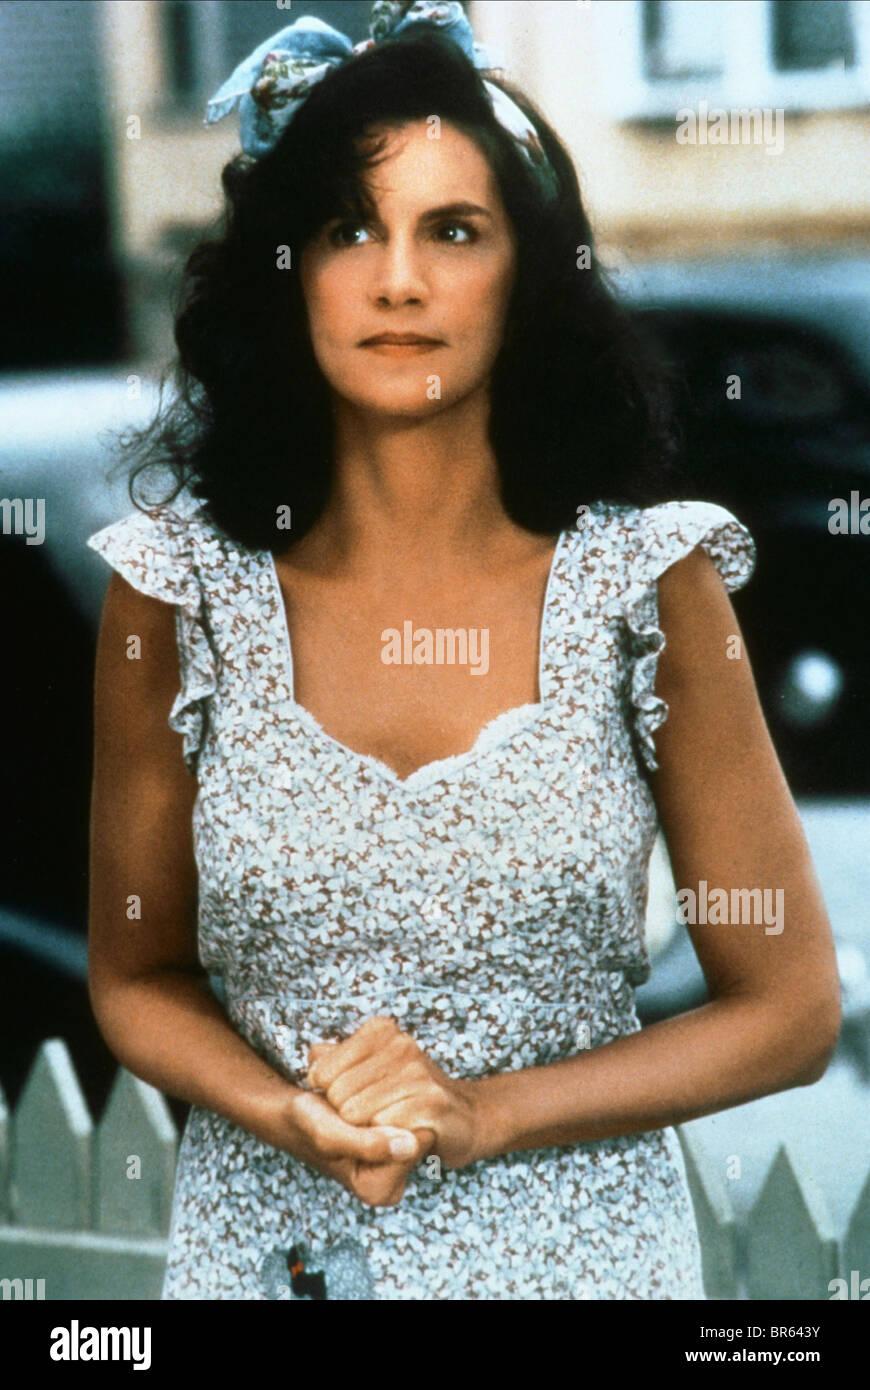 Verloren In Yonkers 1993 Mercedes Ruehl Stockfotos Verloren In